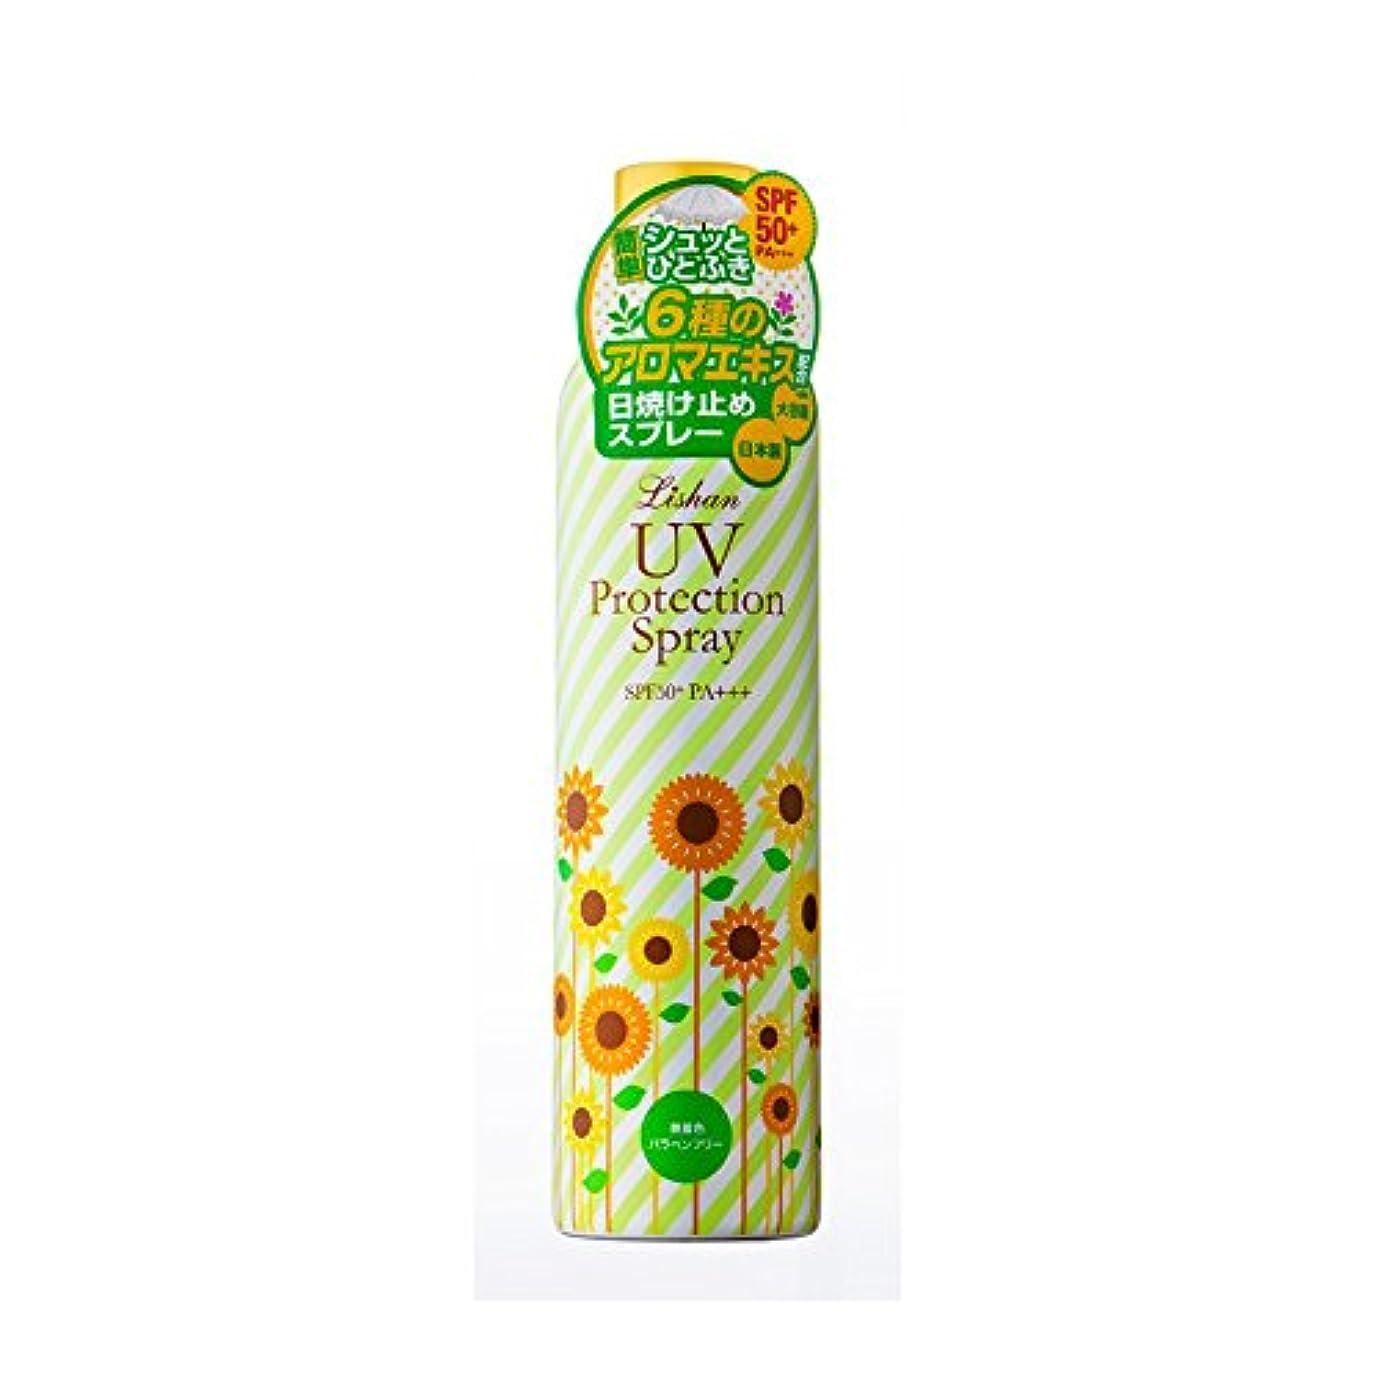 ネクタイびっくり三リシャン 大容量UVスプレー アロマミックスの香り (230g)